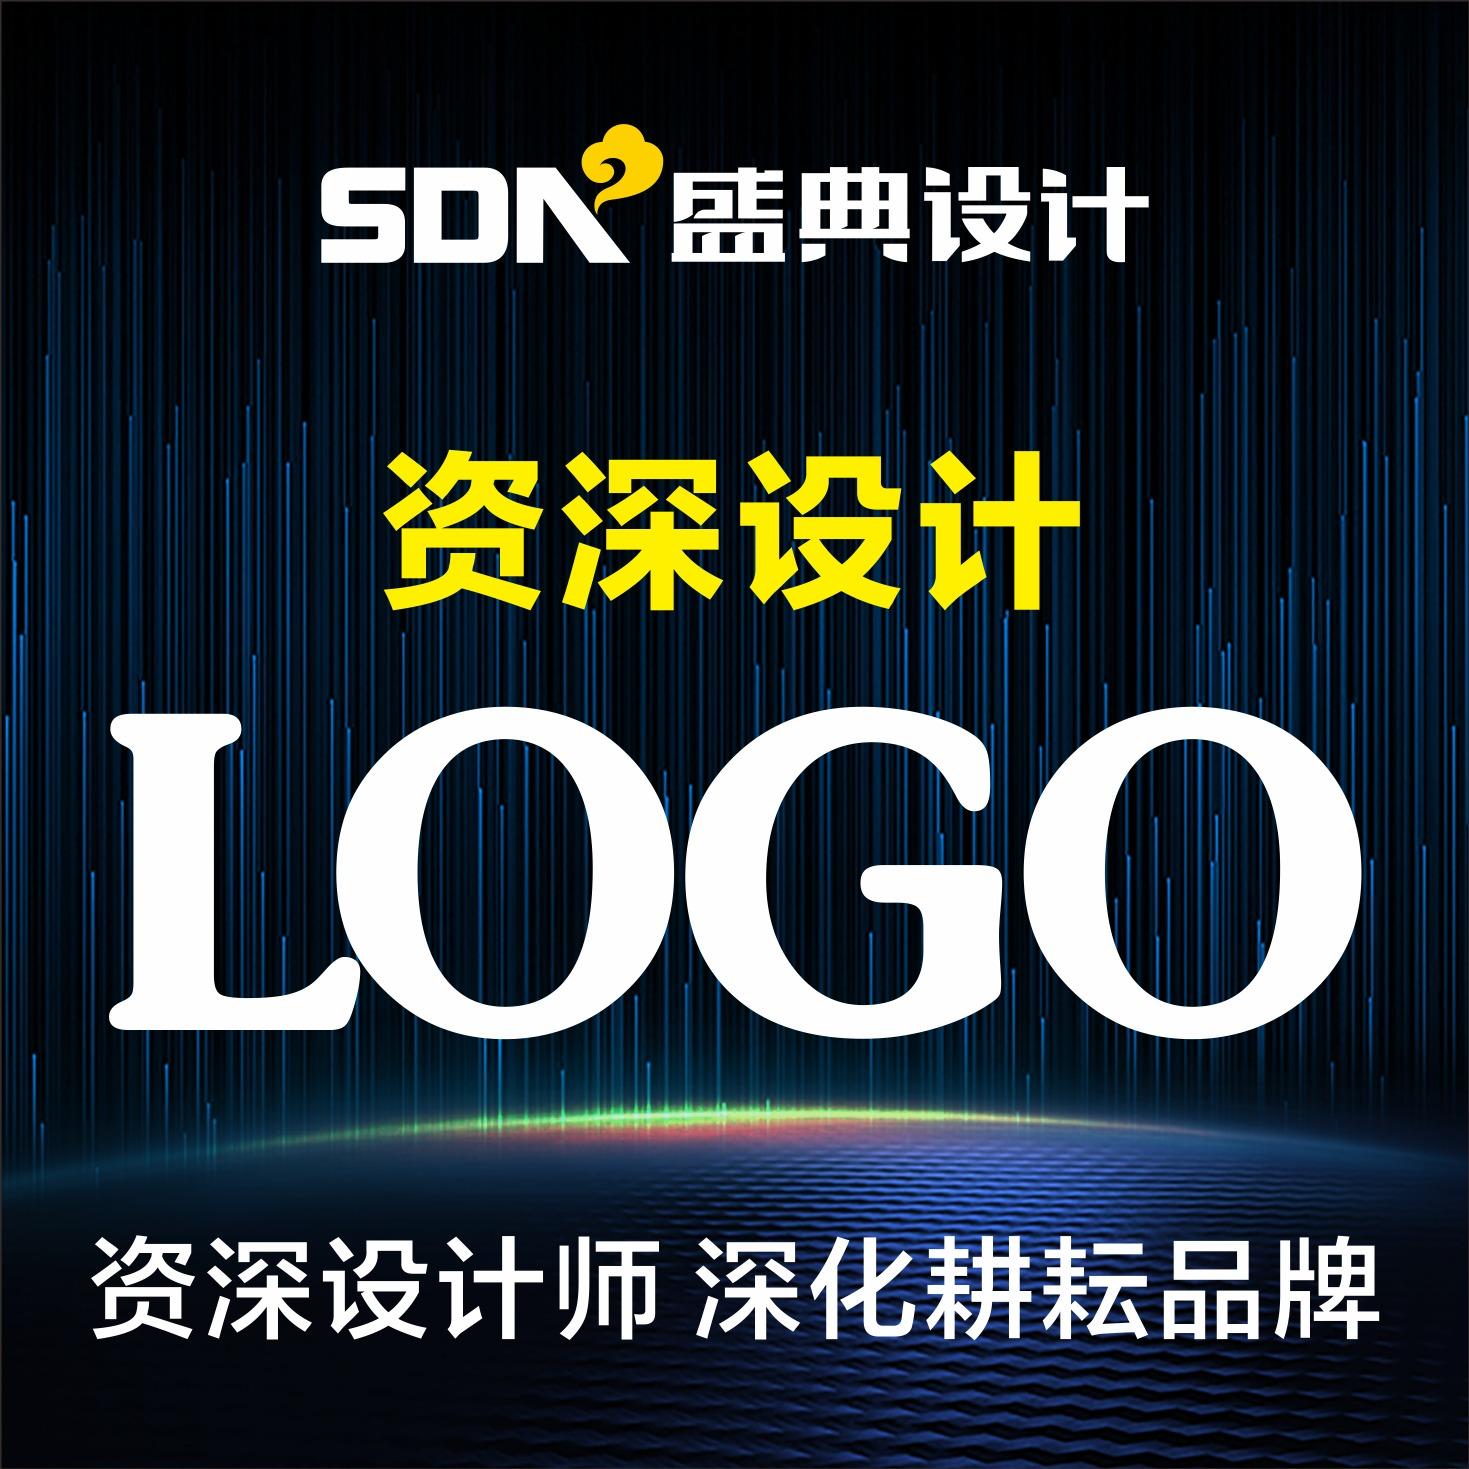 资深 logo 设计品牌商标设计企业网店食品金融家居卡通中英文标